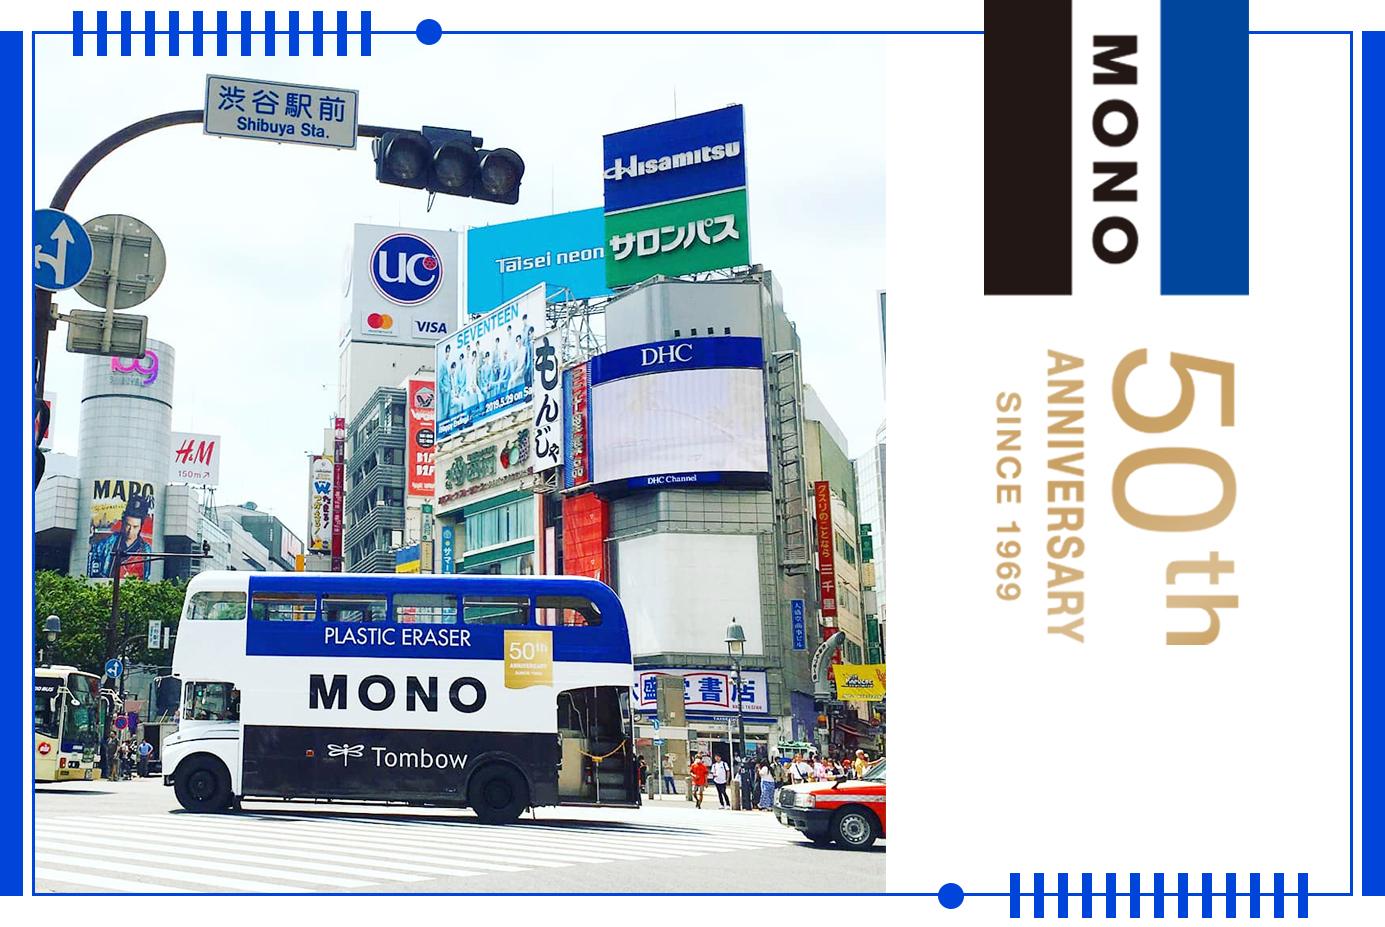 【50週年限定免費搭乘】日本蜻蜓牌MONO橡皮擦,化身特別版巴士再造風潮